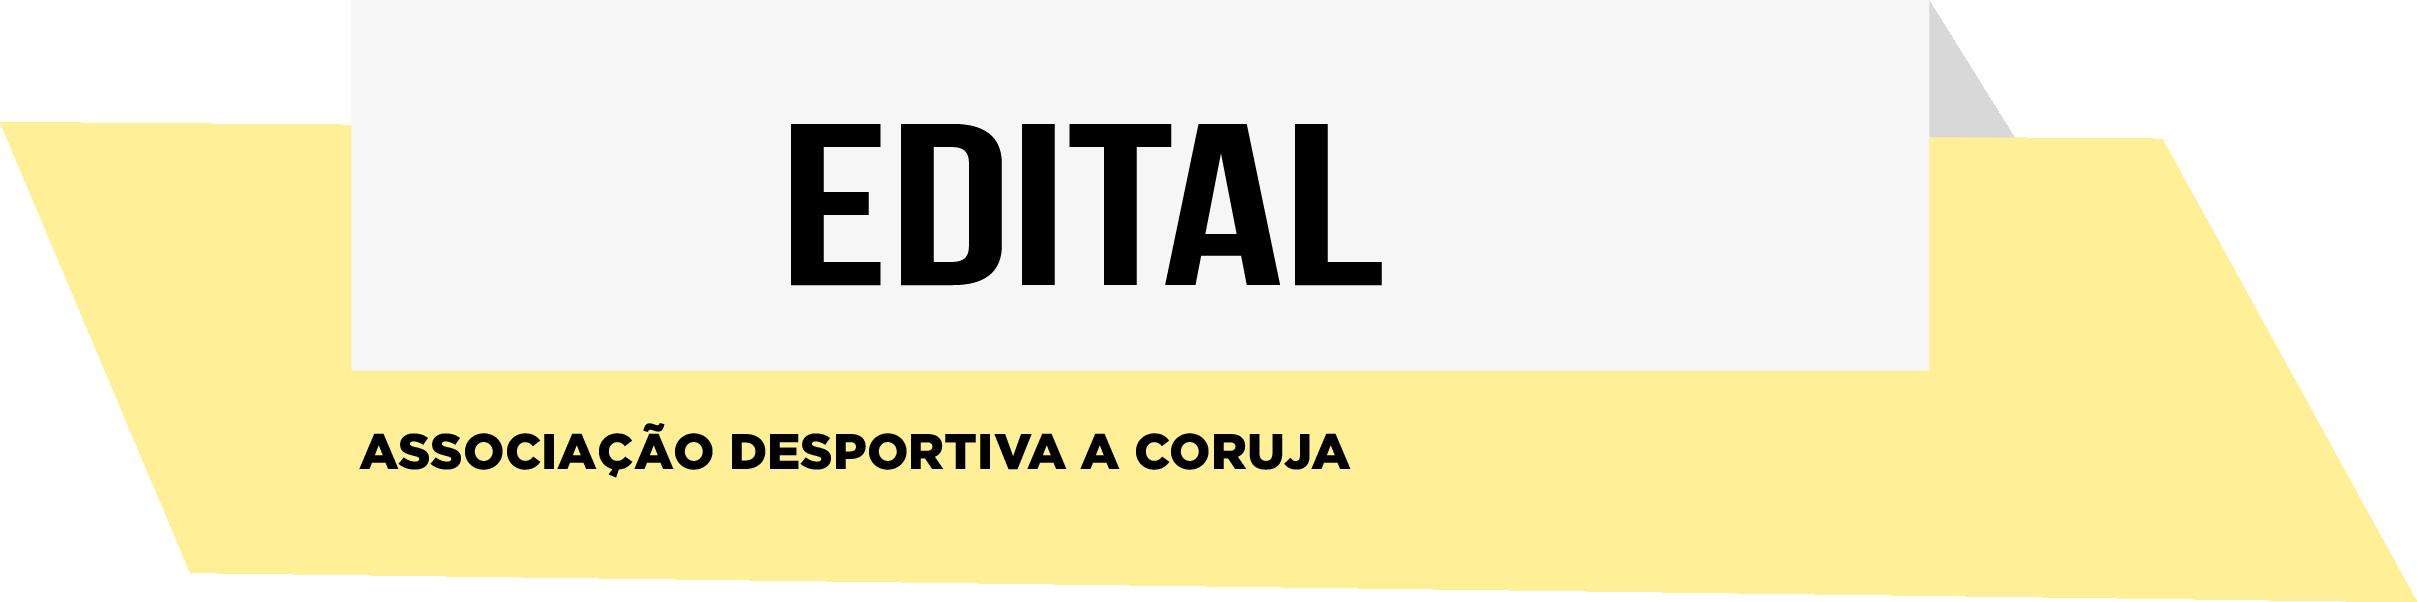 EDITAL- Associação Desportiva A Coruja